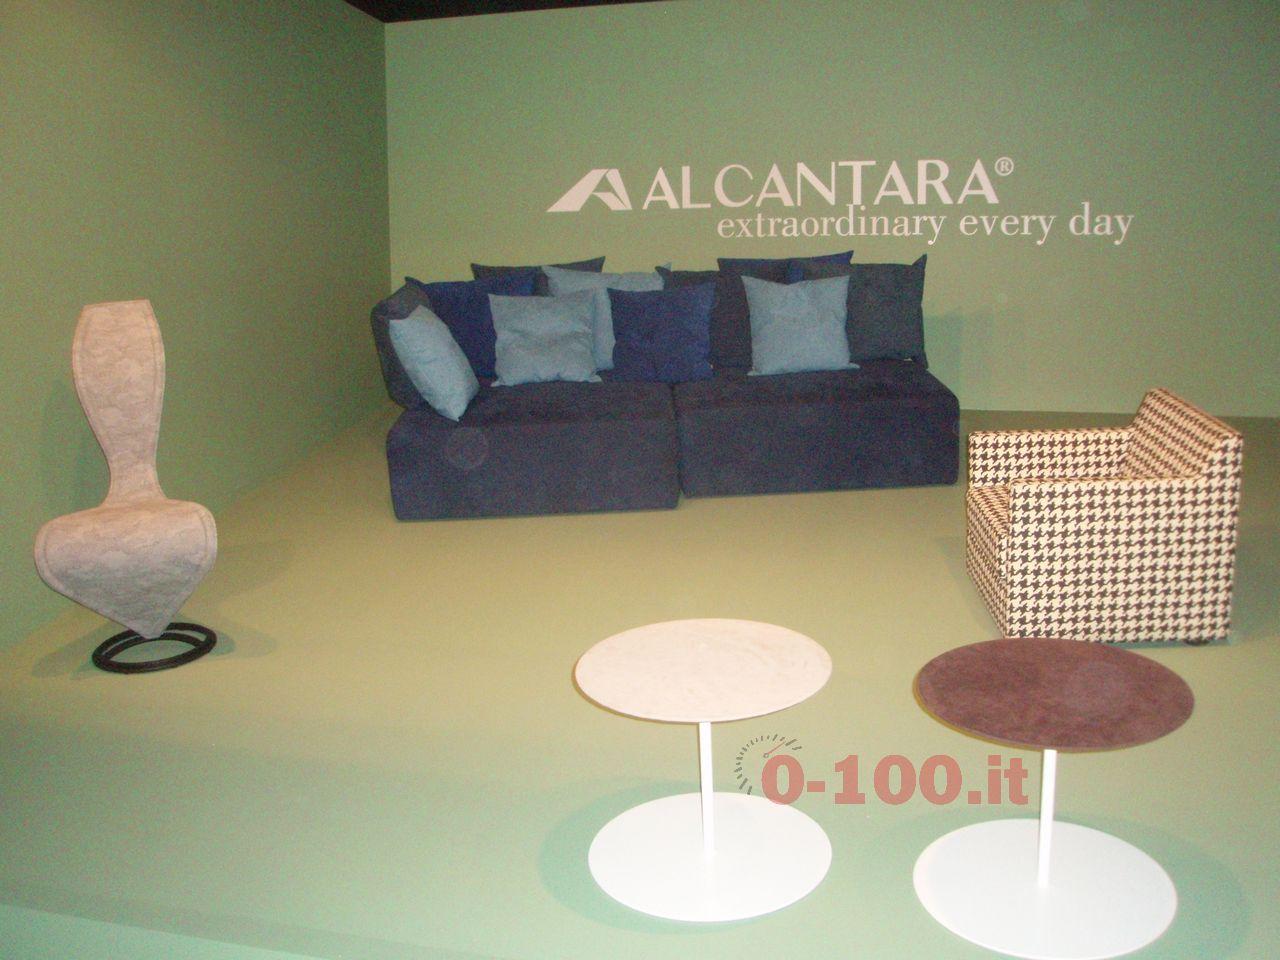 alcantara-fuorisalone-milan-design-week-2014-alcantara-kaleidoscope-giulio_cappellini-nendo_0-1001